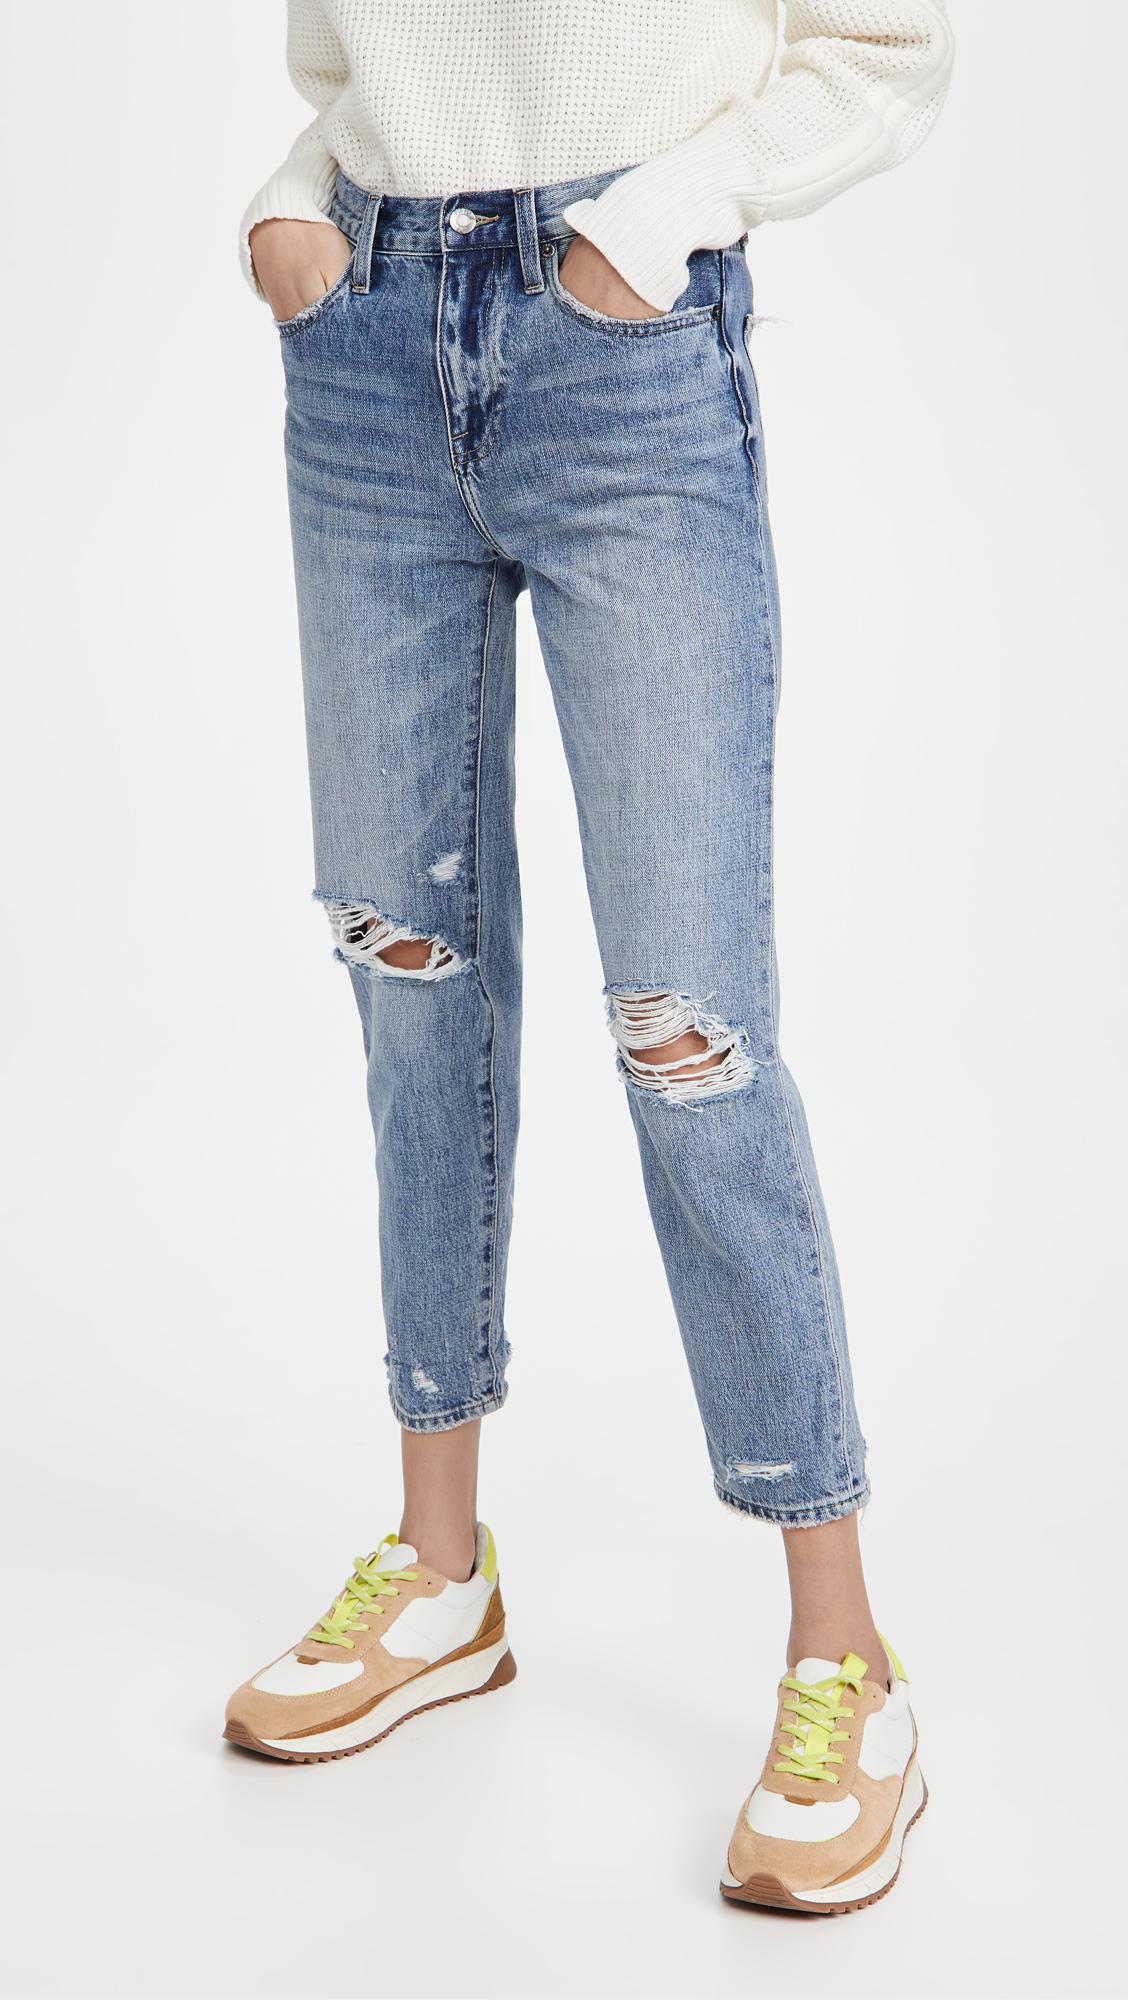 Pistola Denim Presley affordable designer Jeans